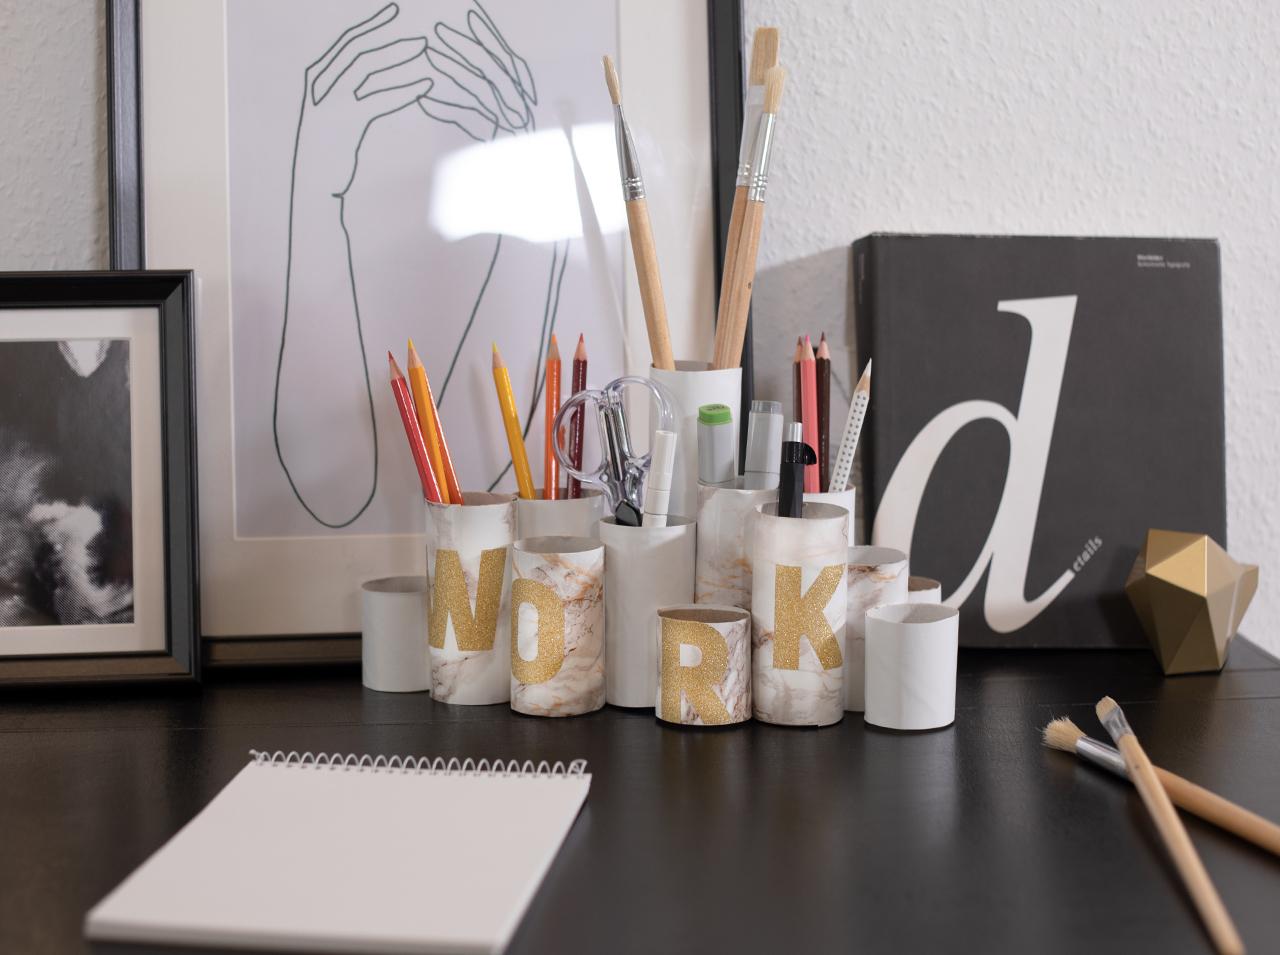 dcfix Möbel Klebefolie Dekofolie DIY Deko Schreibtisch Arbeitsplatz